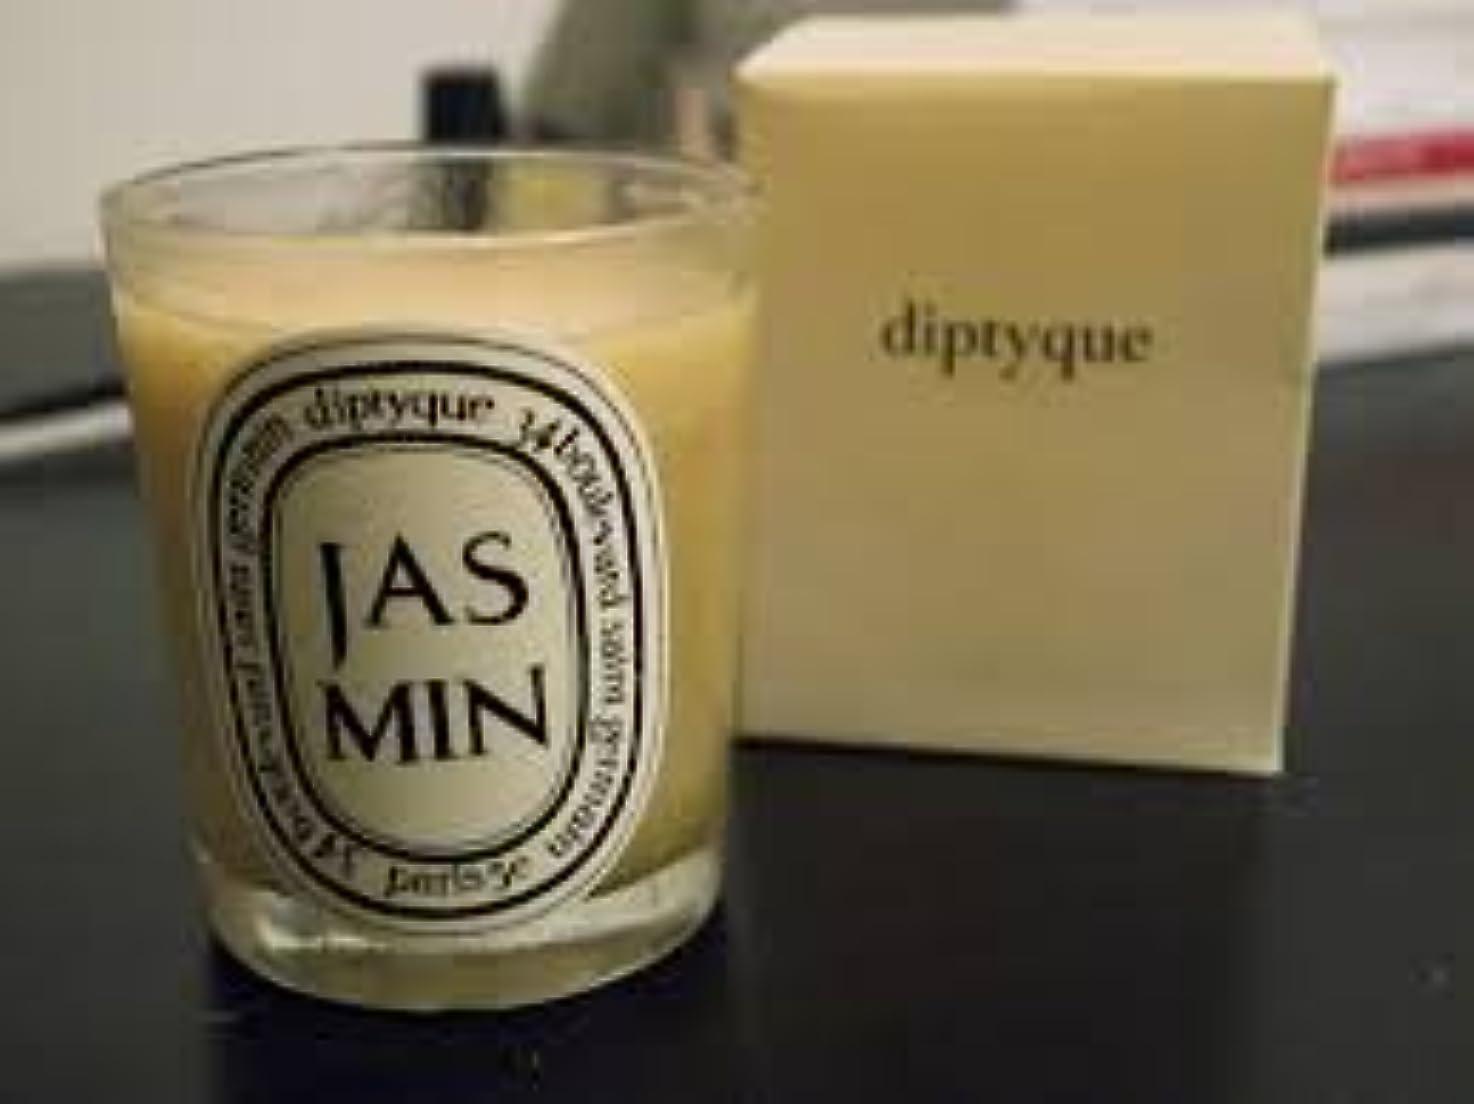 間違えた雑多な船尾Diptyque Jasmin Candle (ディプティック ジャスミン キャンドル) 2.4 oz (70g)